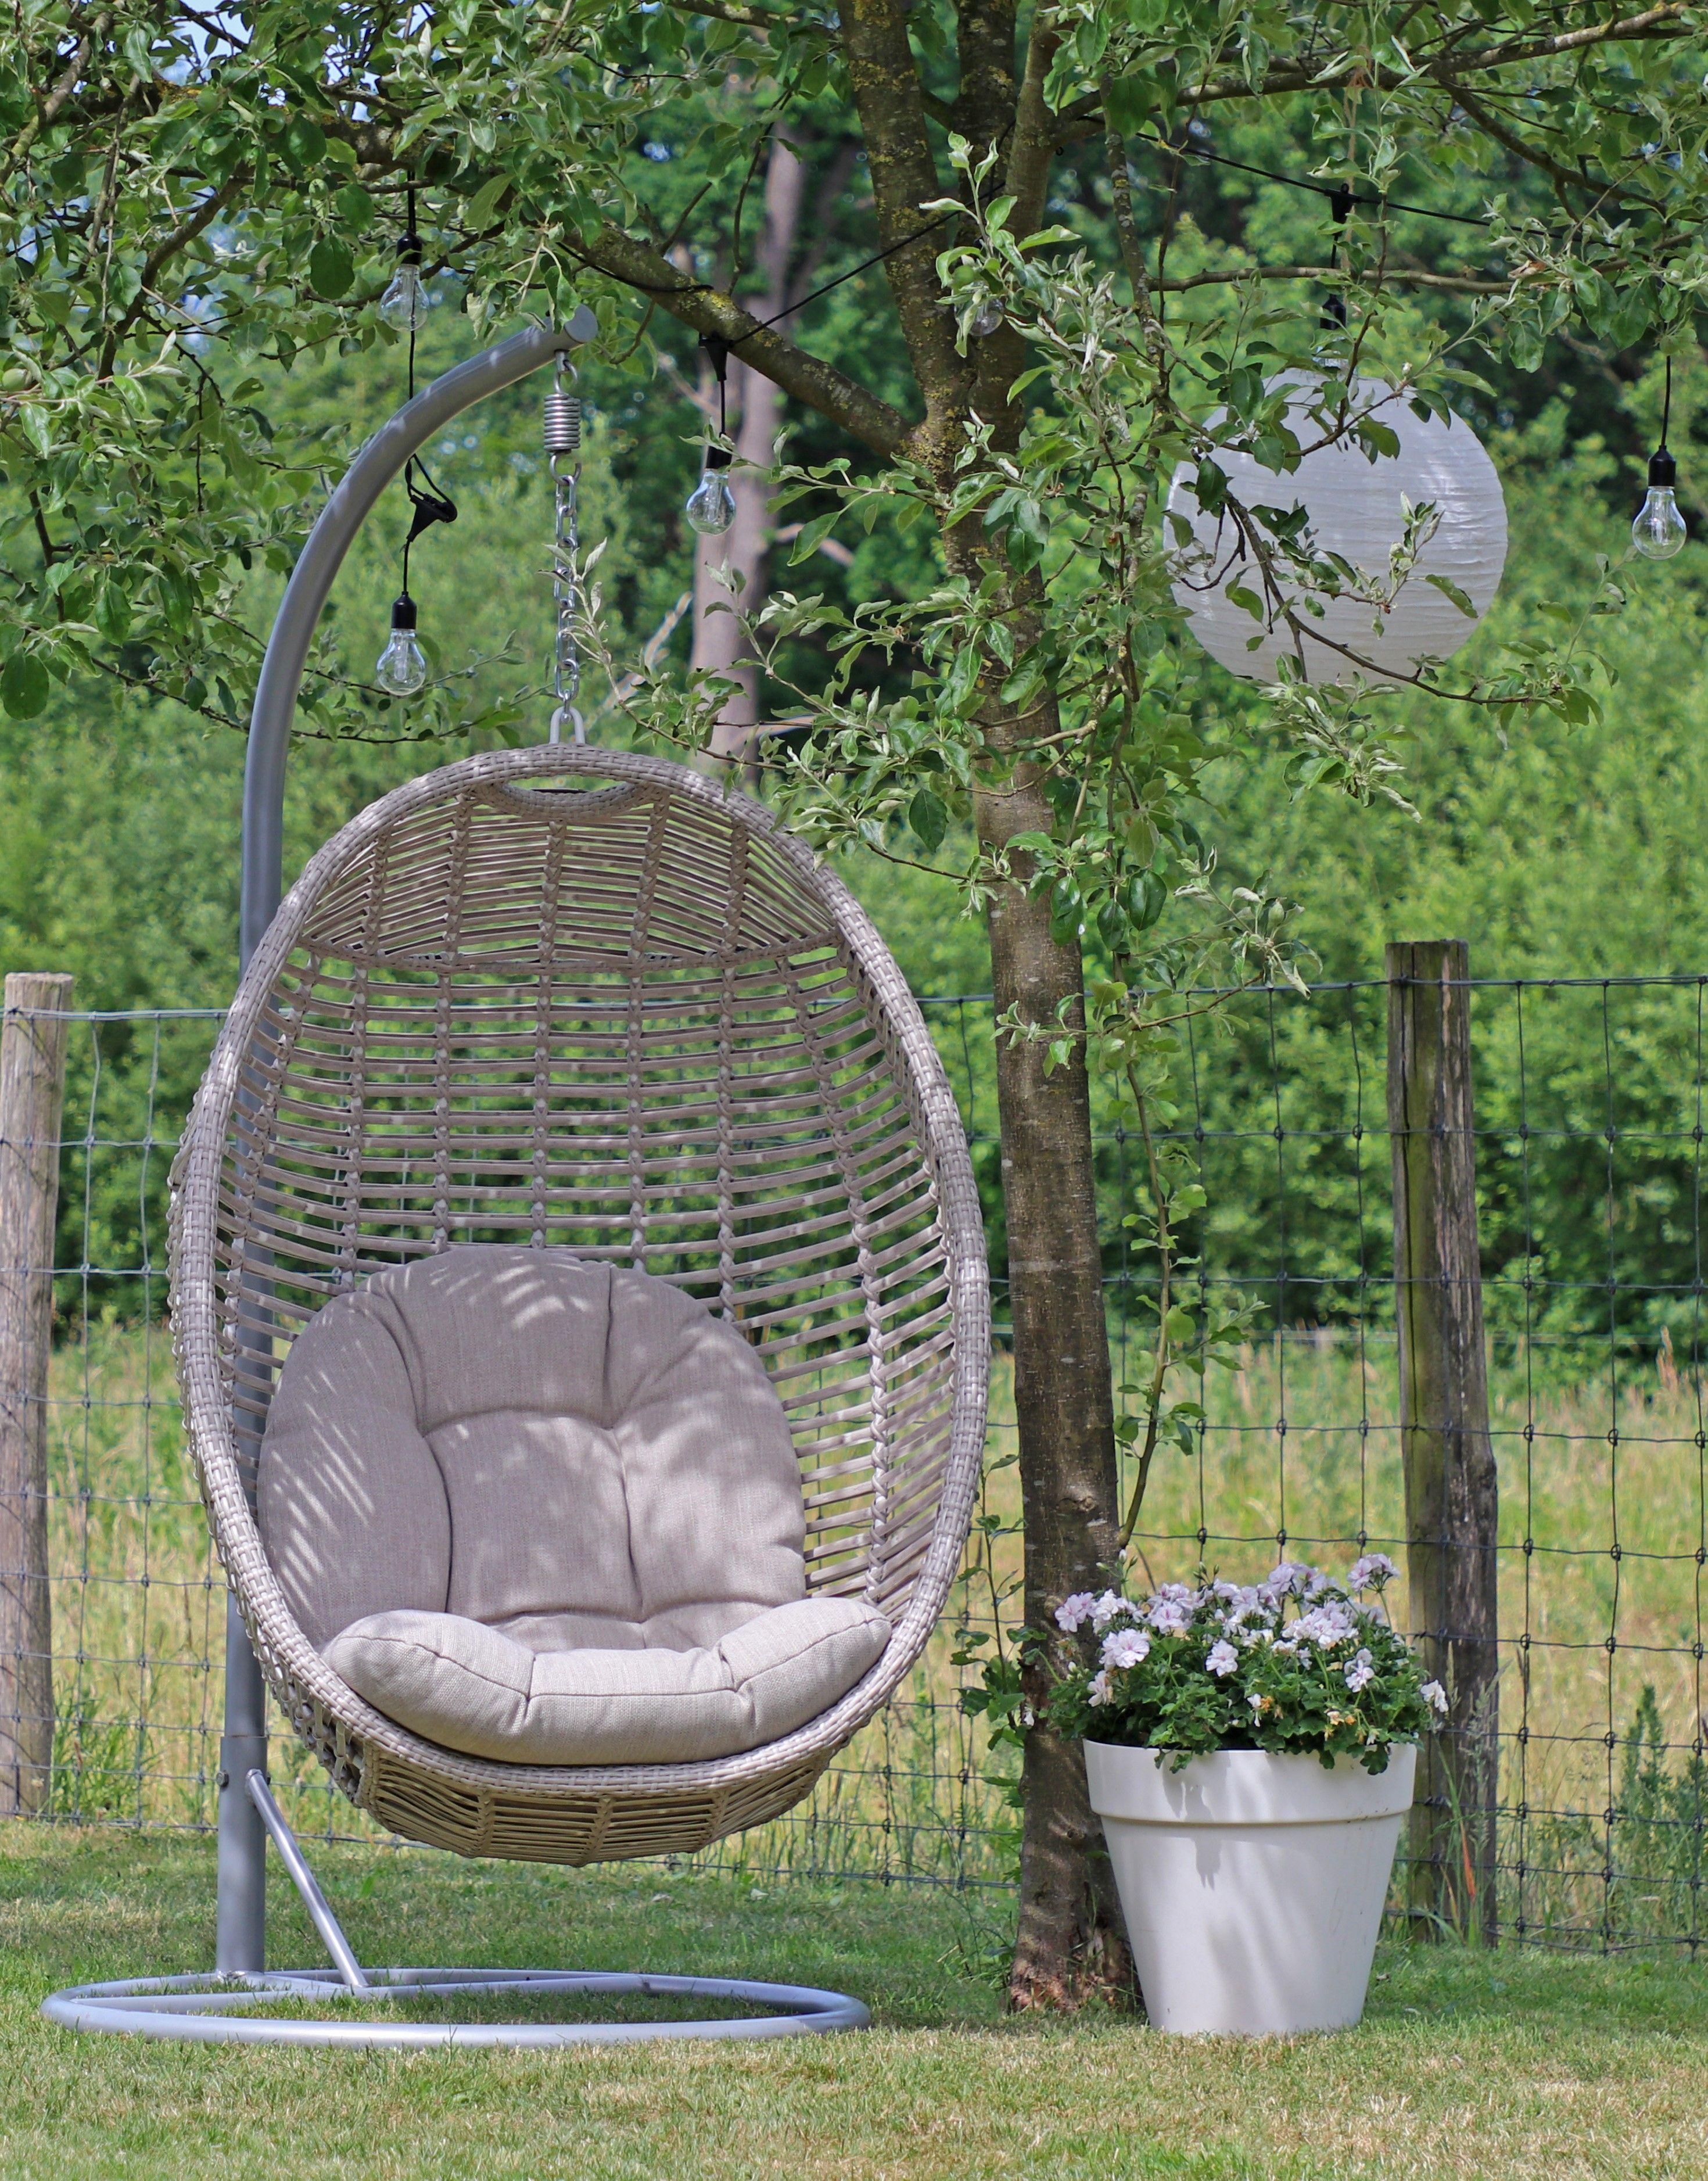 Hang Stoel Tuin.Leuke Hangstoel In De Tuin Deze Licht Grijze Hangstoel Is Ideaal